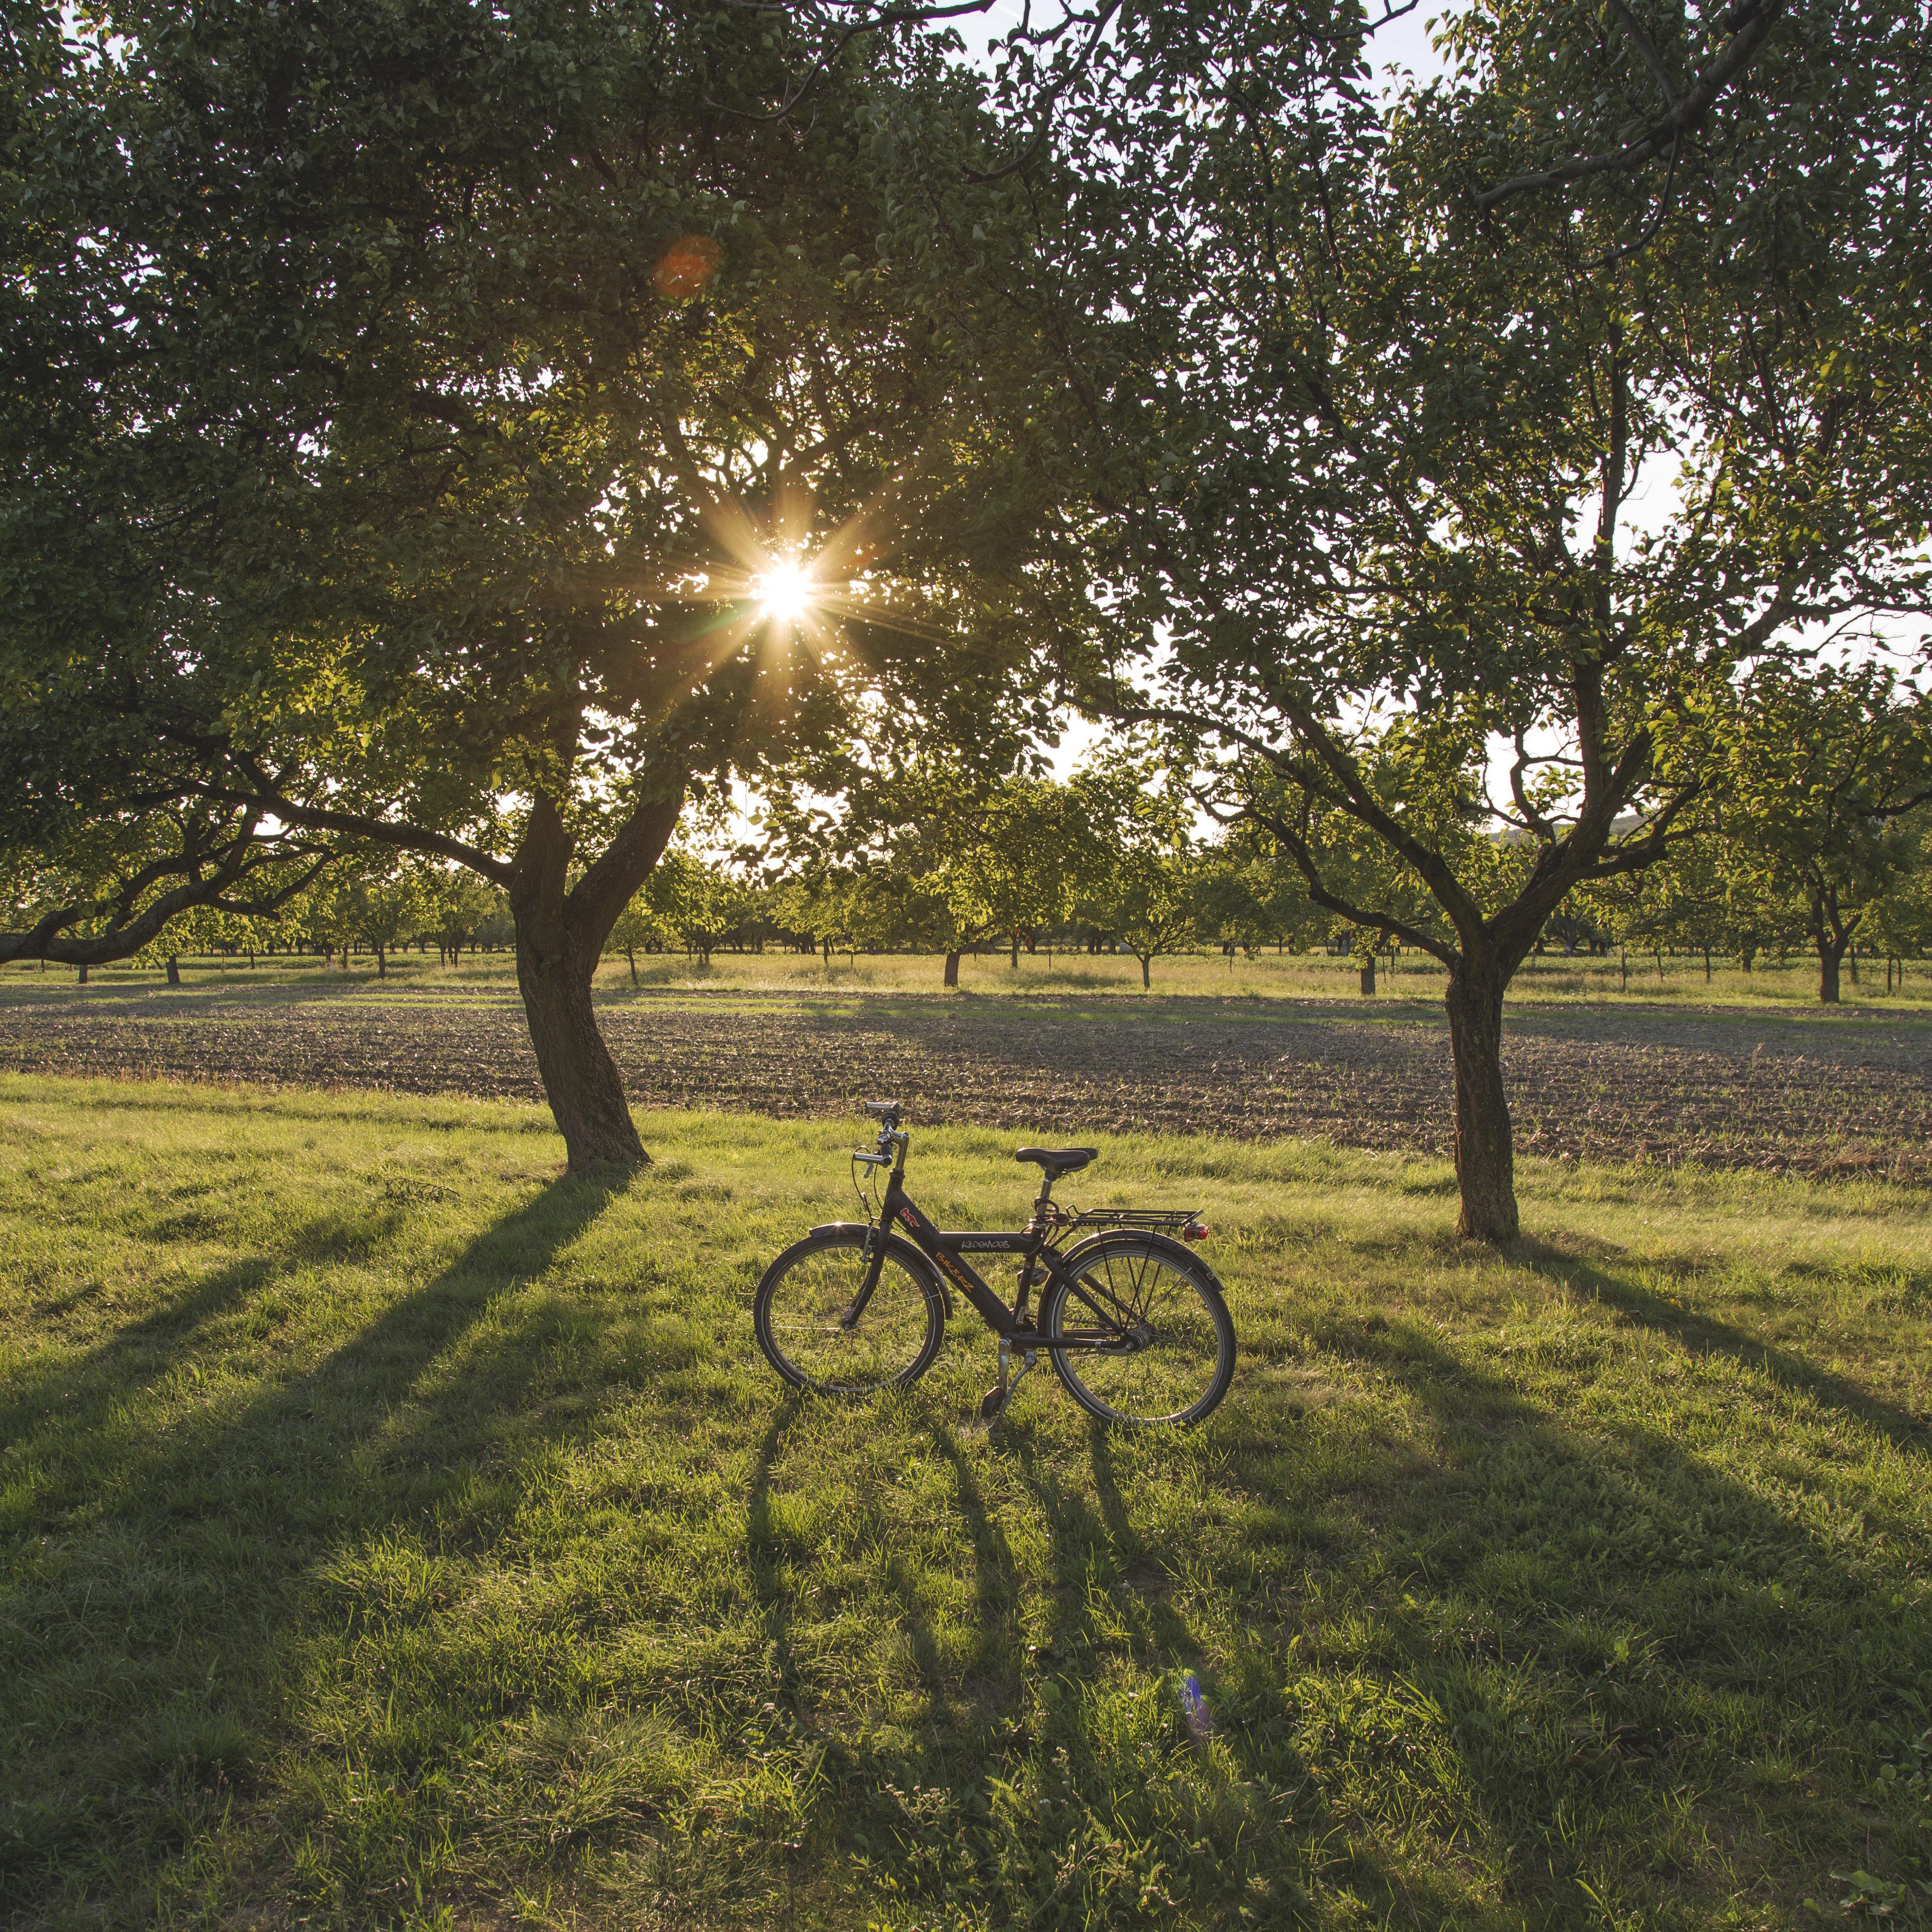 Bike in the Field, Bicycle, Bike, Cycle, Field, HQ Photo